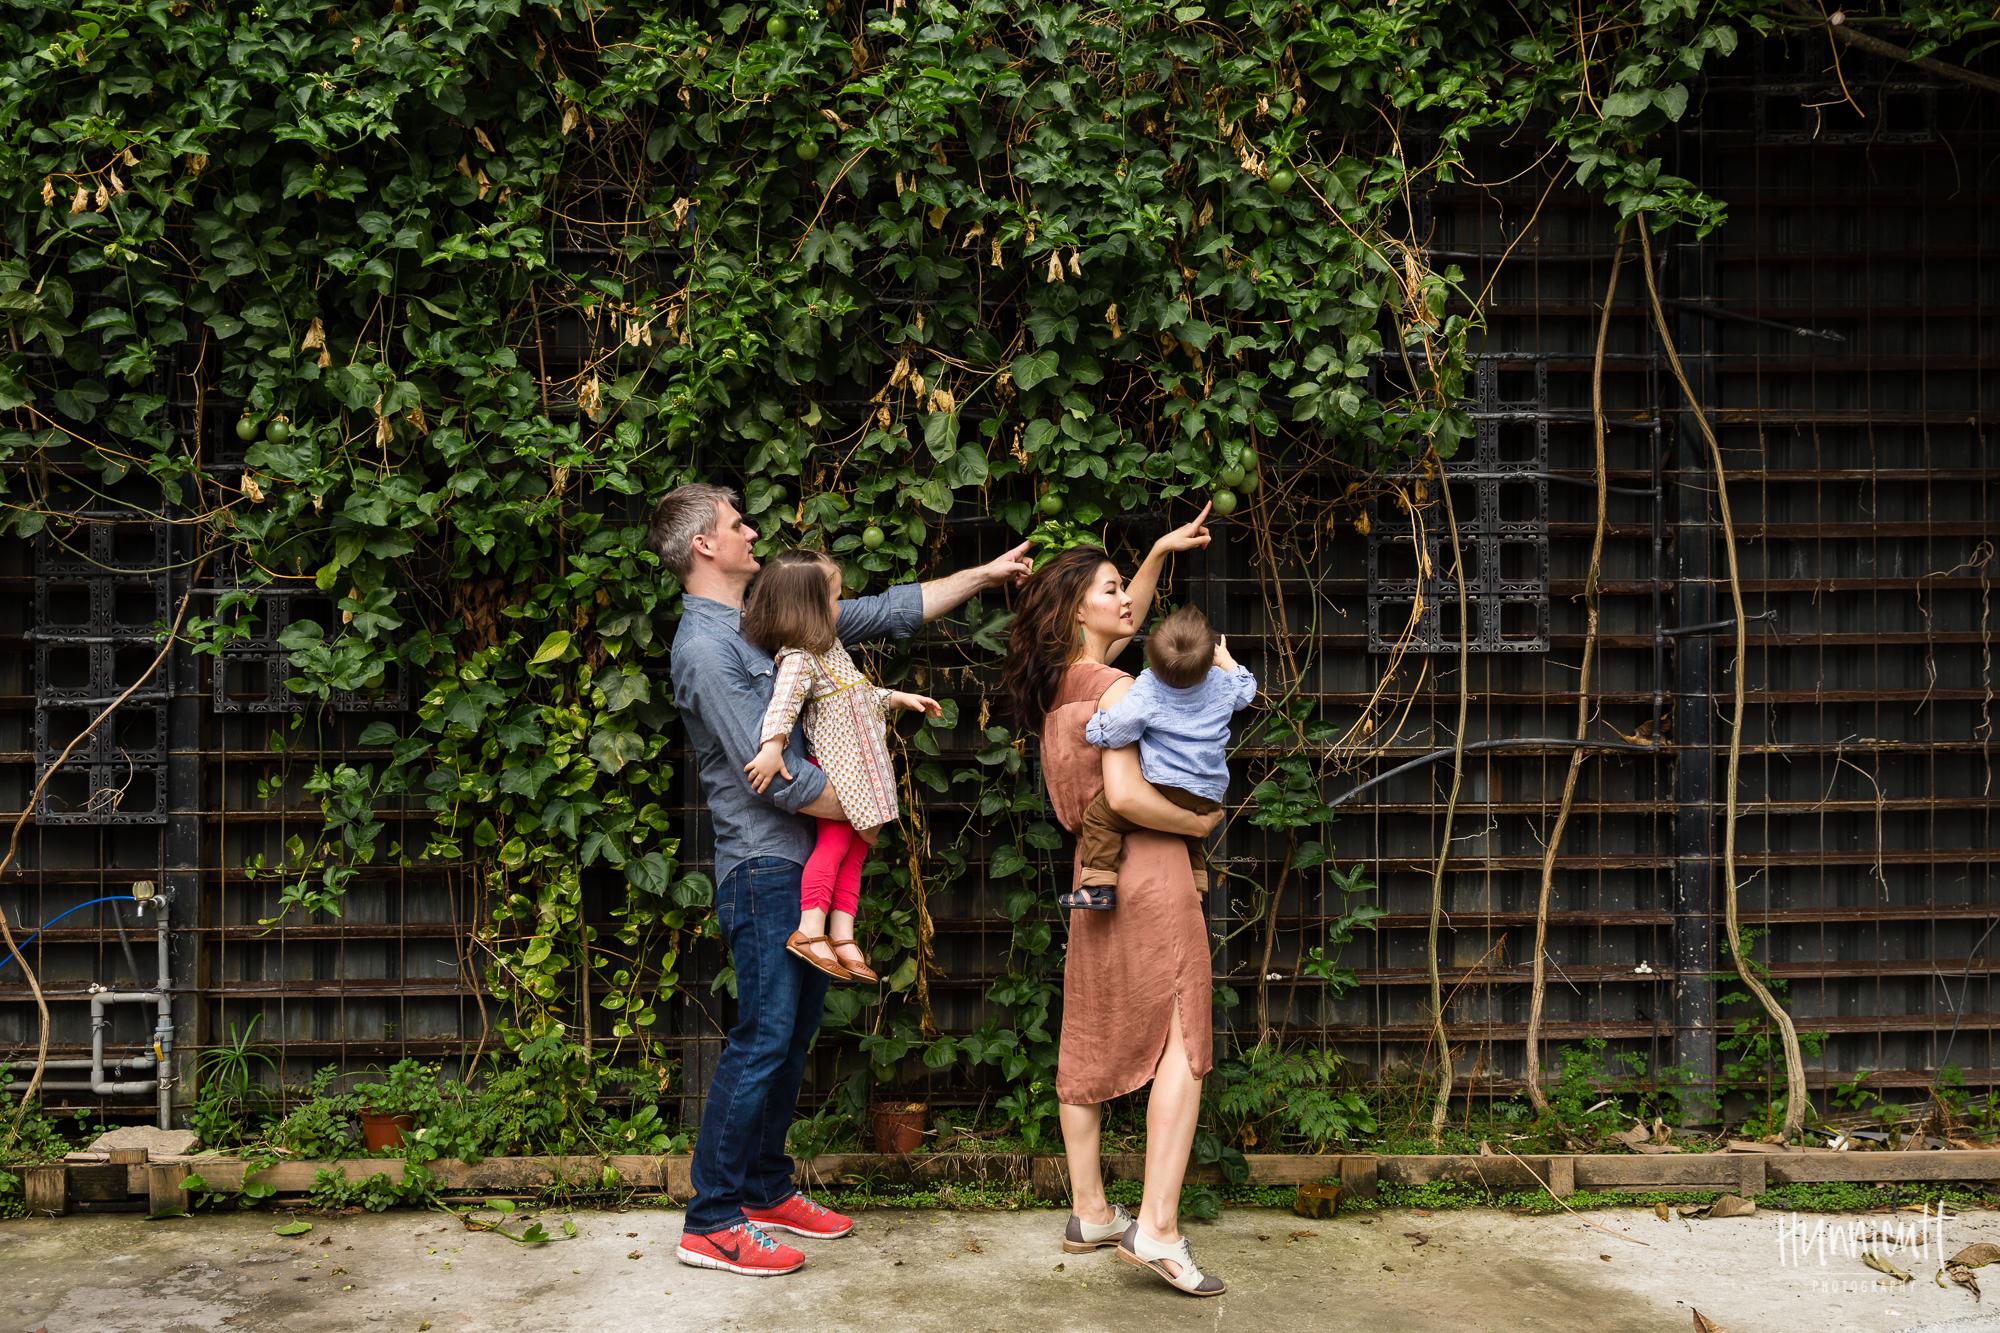 Taiwan-Urban-Lifestle-Duck-Family-HunnicuttPHotography-16